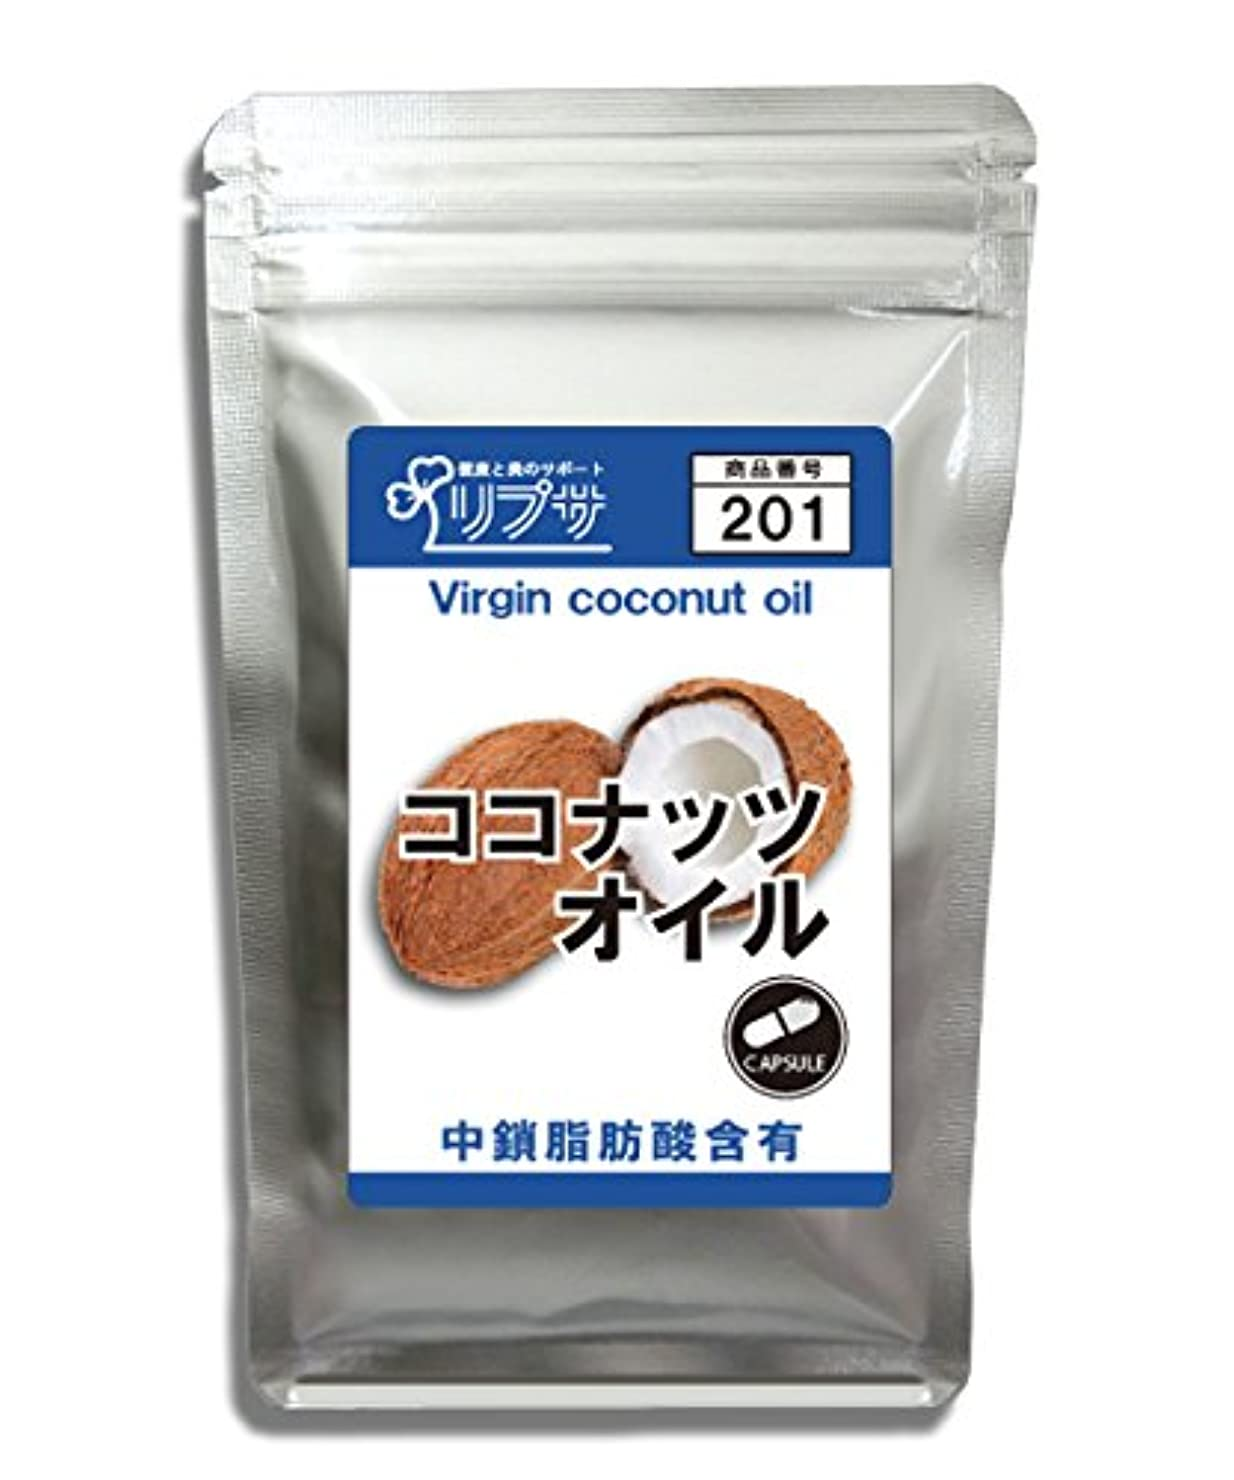 便利パテフィードココナッツオイル 約1か月分 C-201